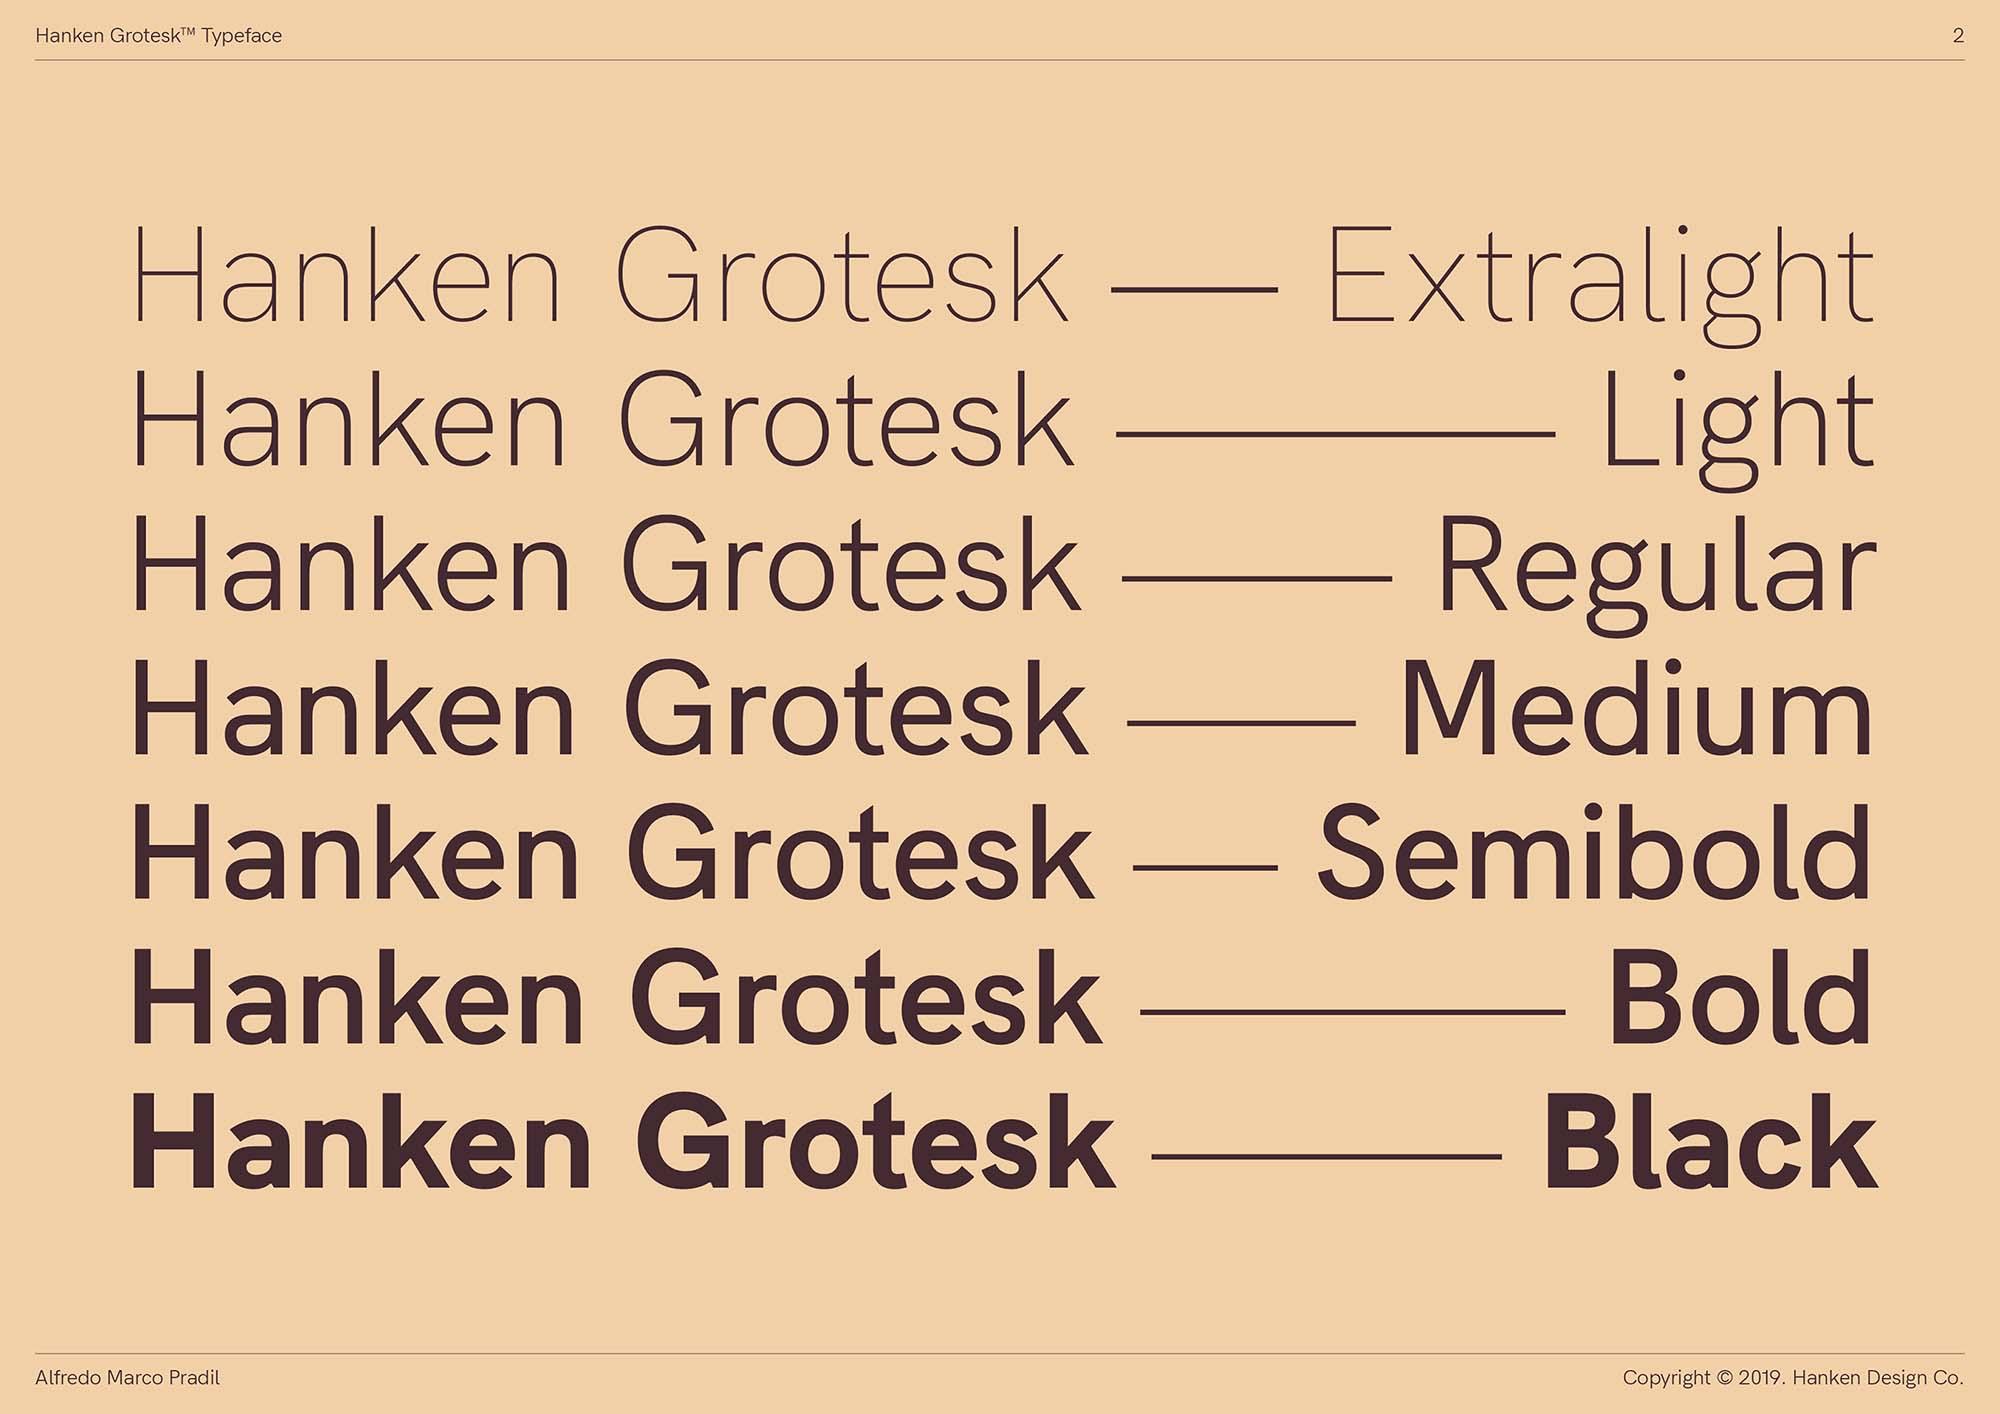 Hanken Grotesk Typeface